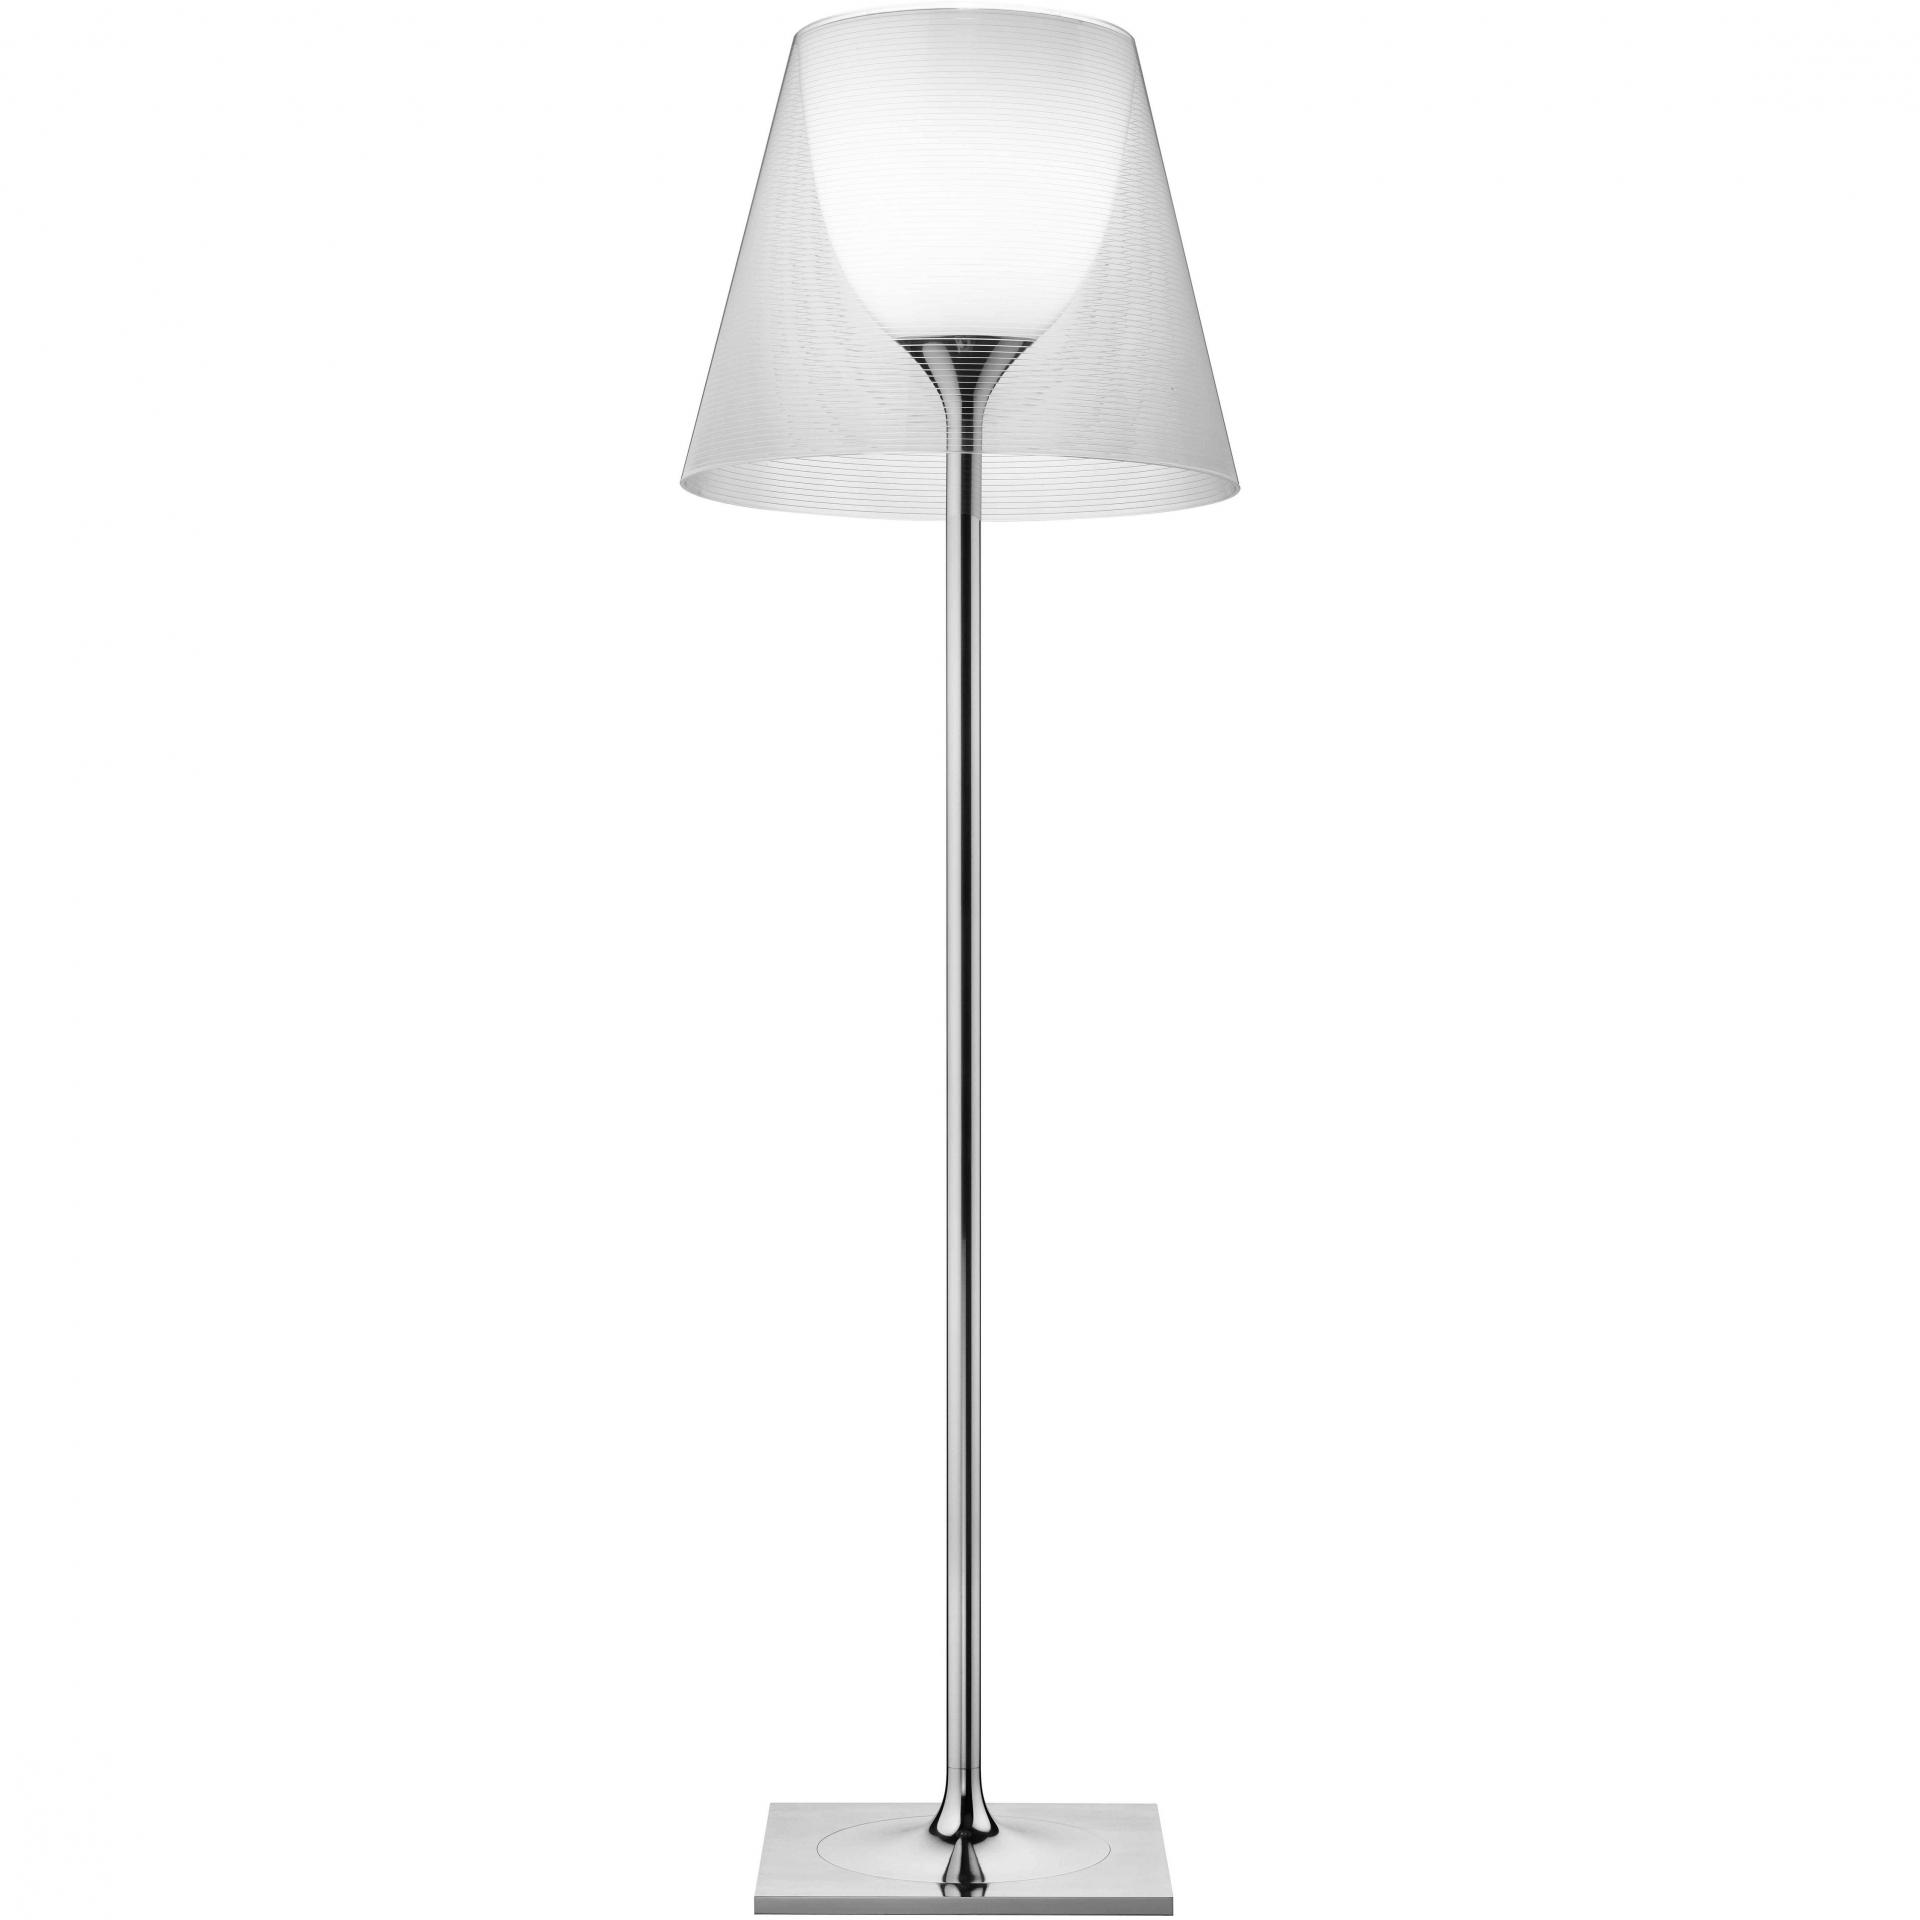 Flos designové stojací lampy Ktribe F3